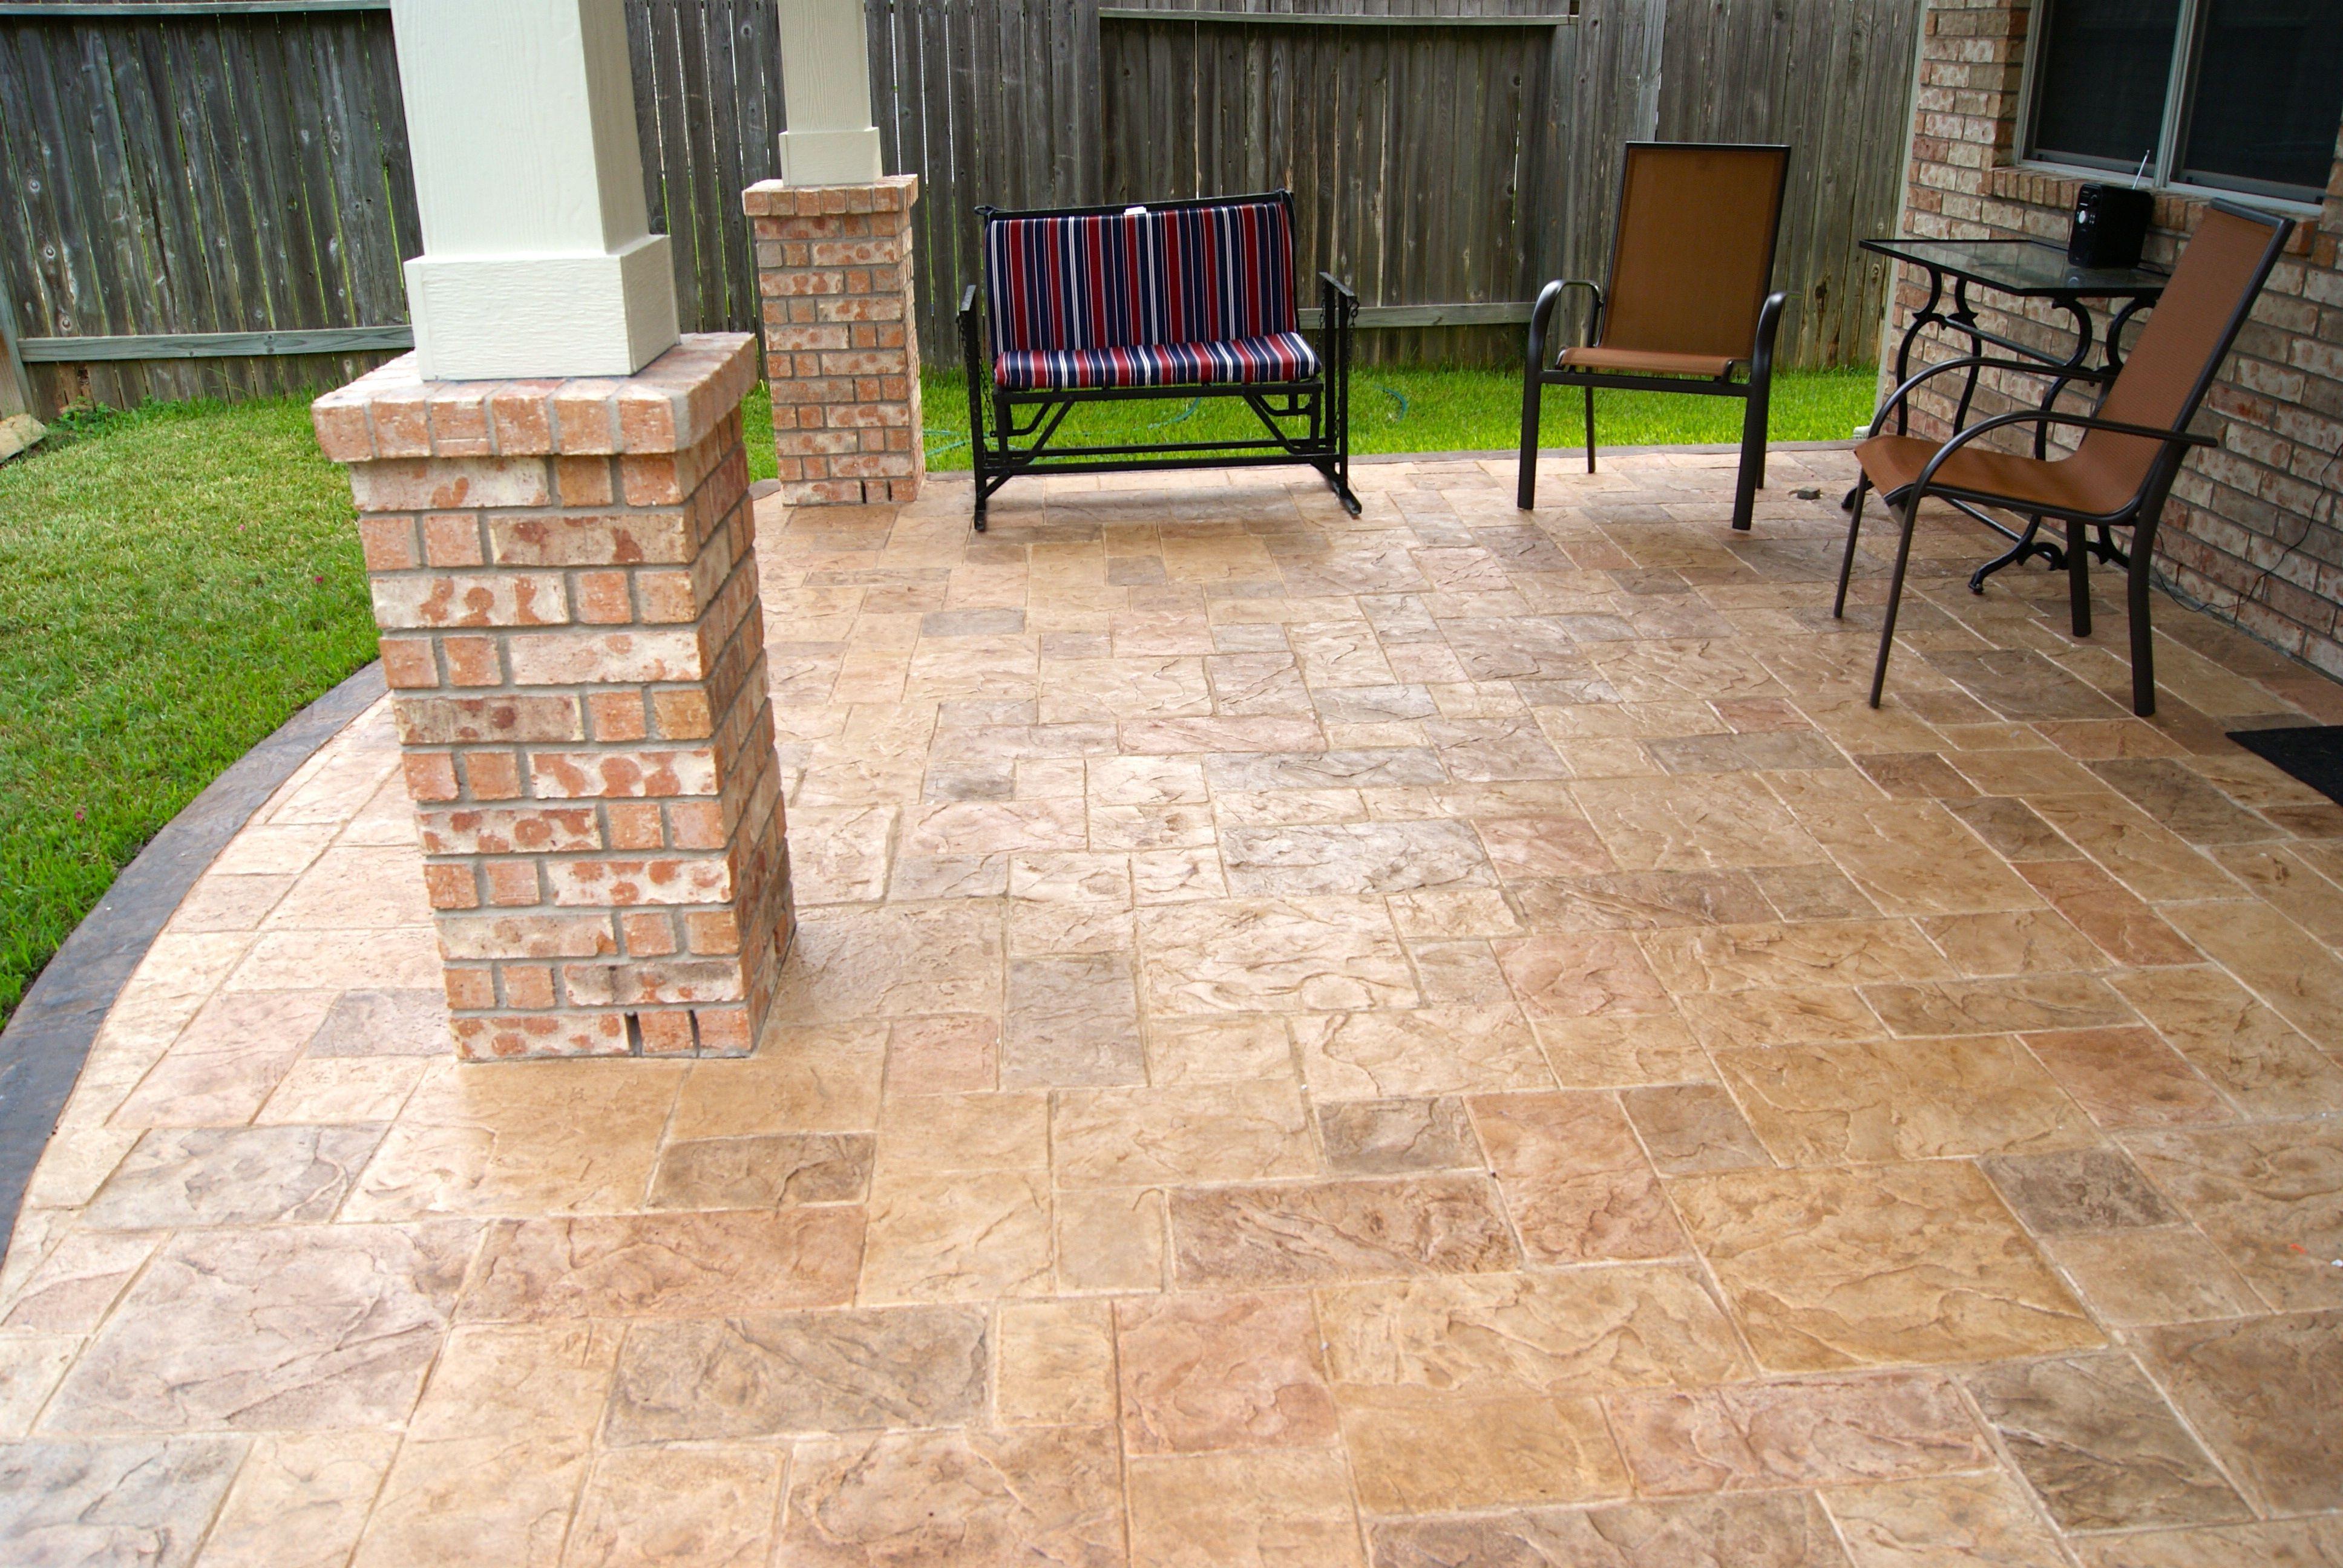 Stamped concrete Patio flooring, Patio, Patio design